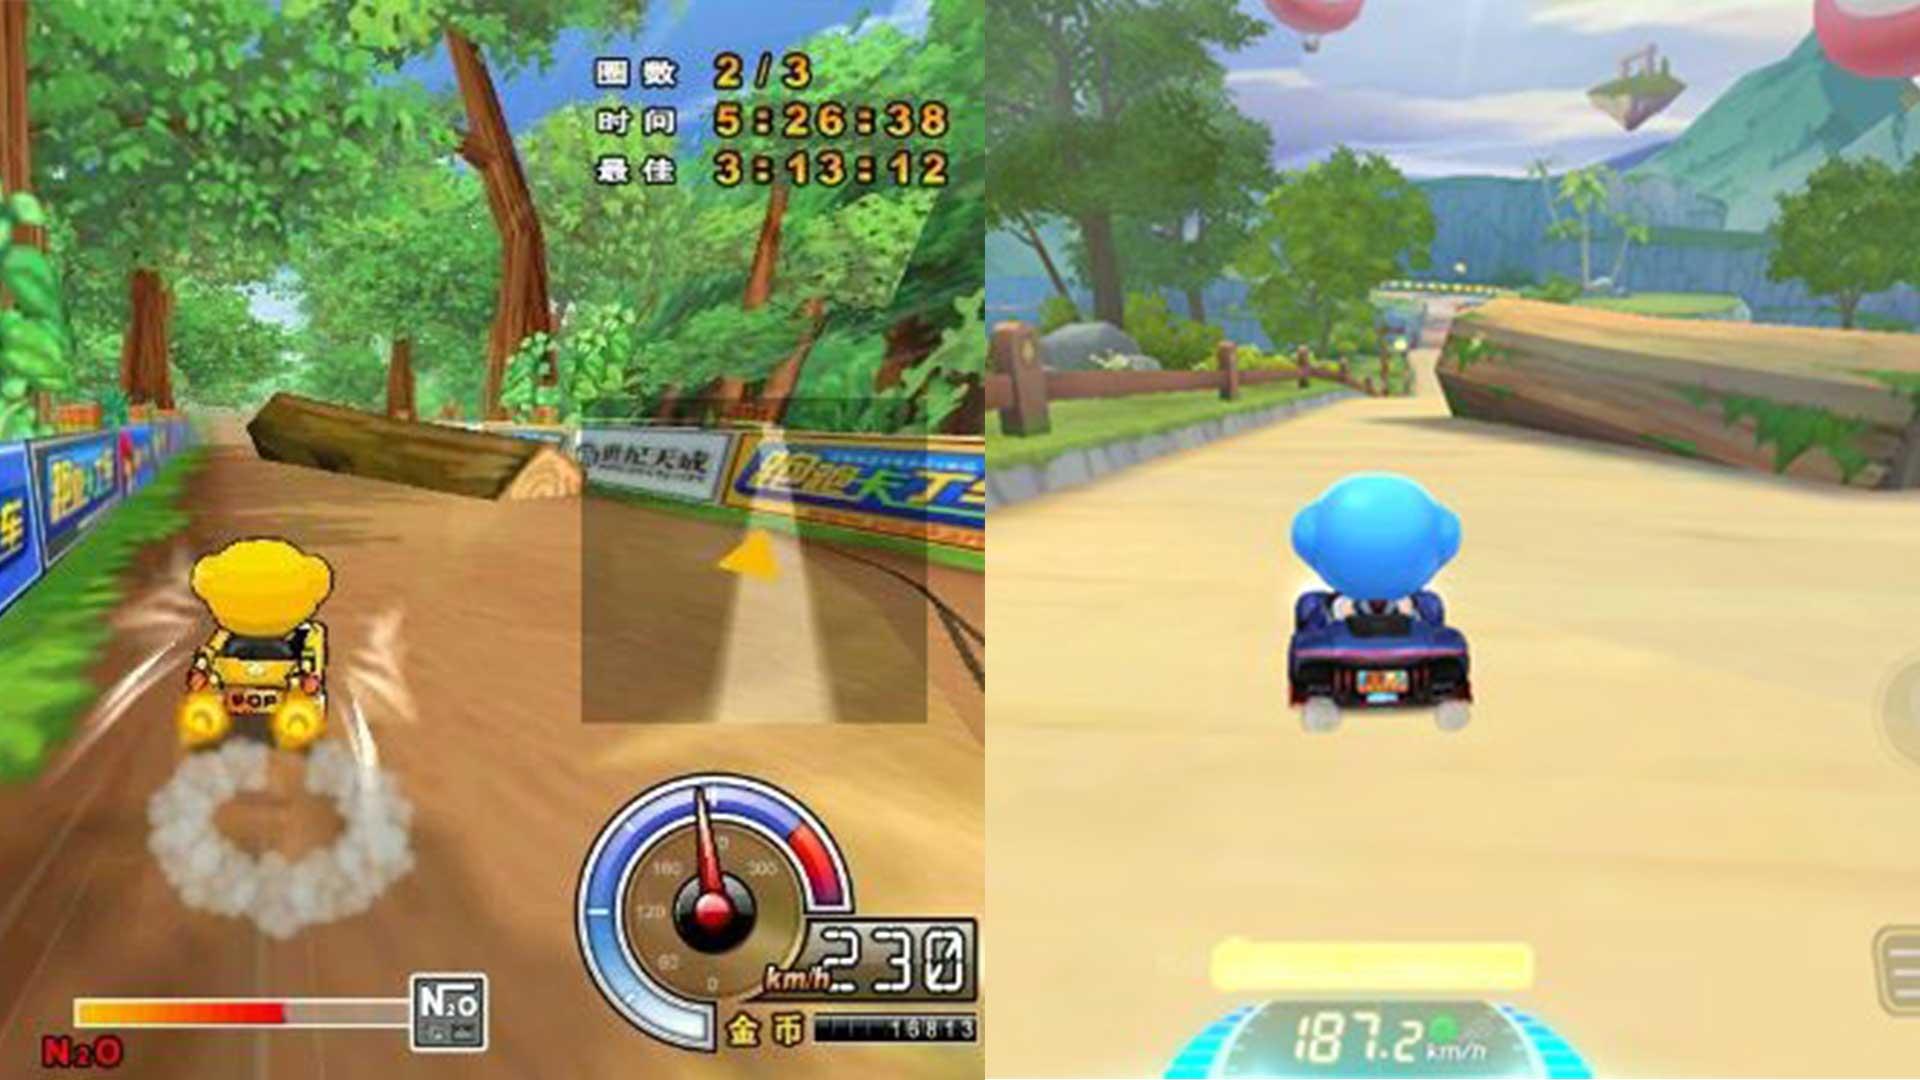 《跑跑卡丁車官方競速版》評測:另一個時代的起點